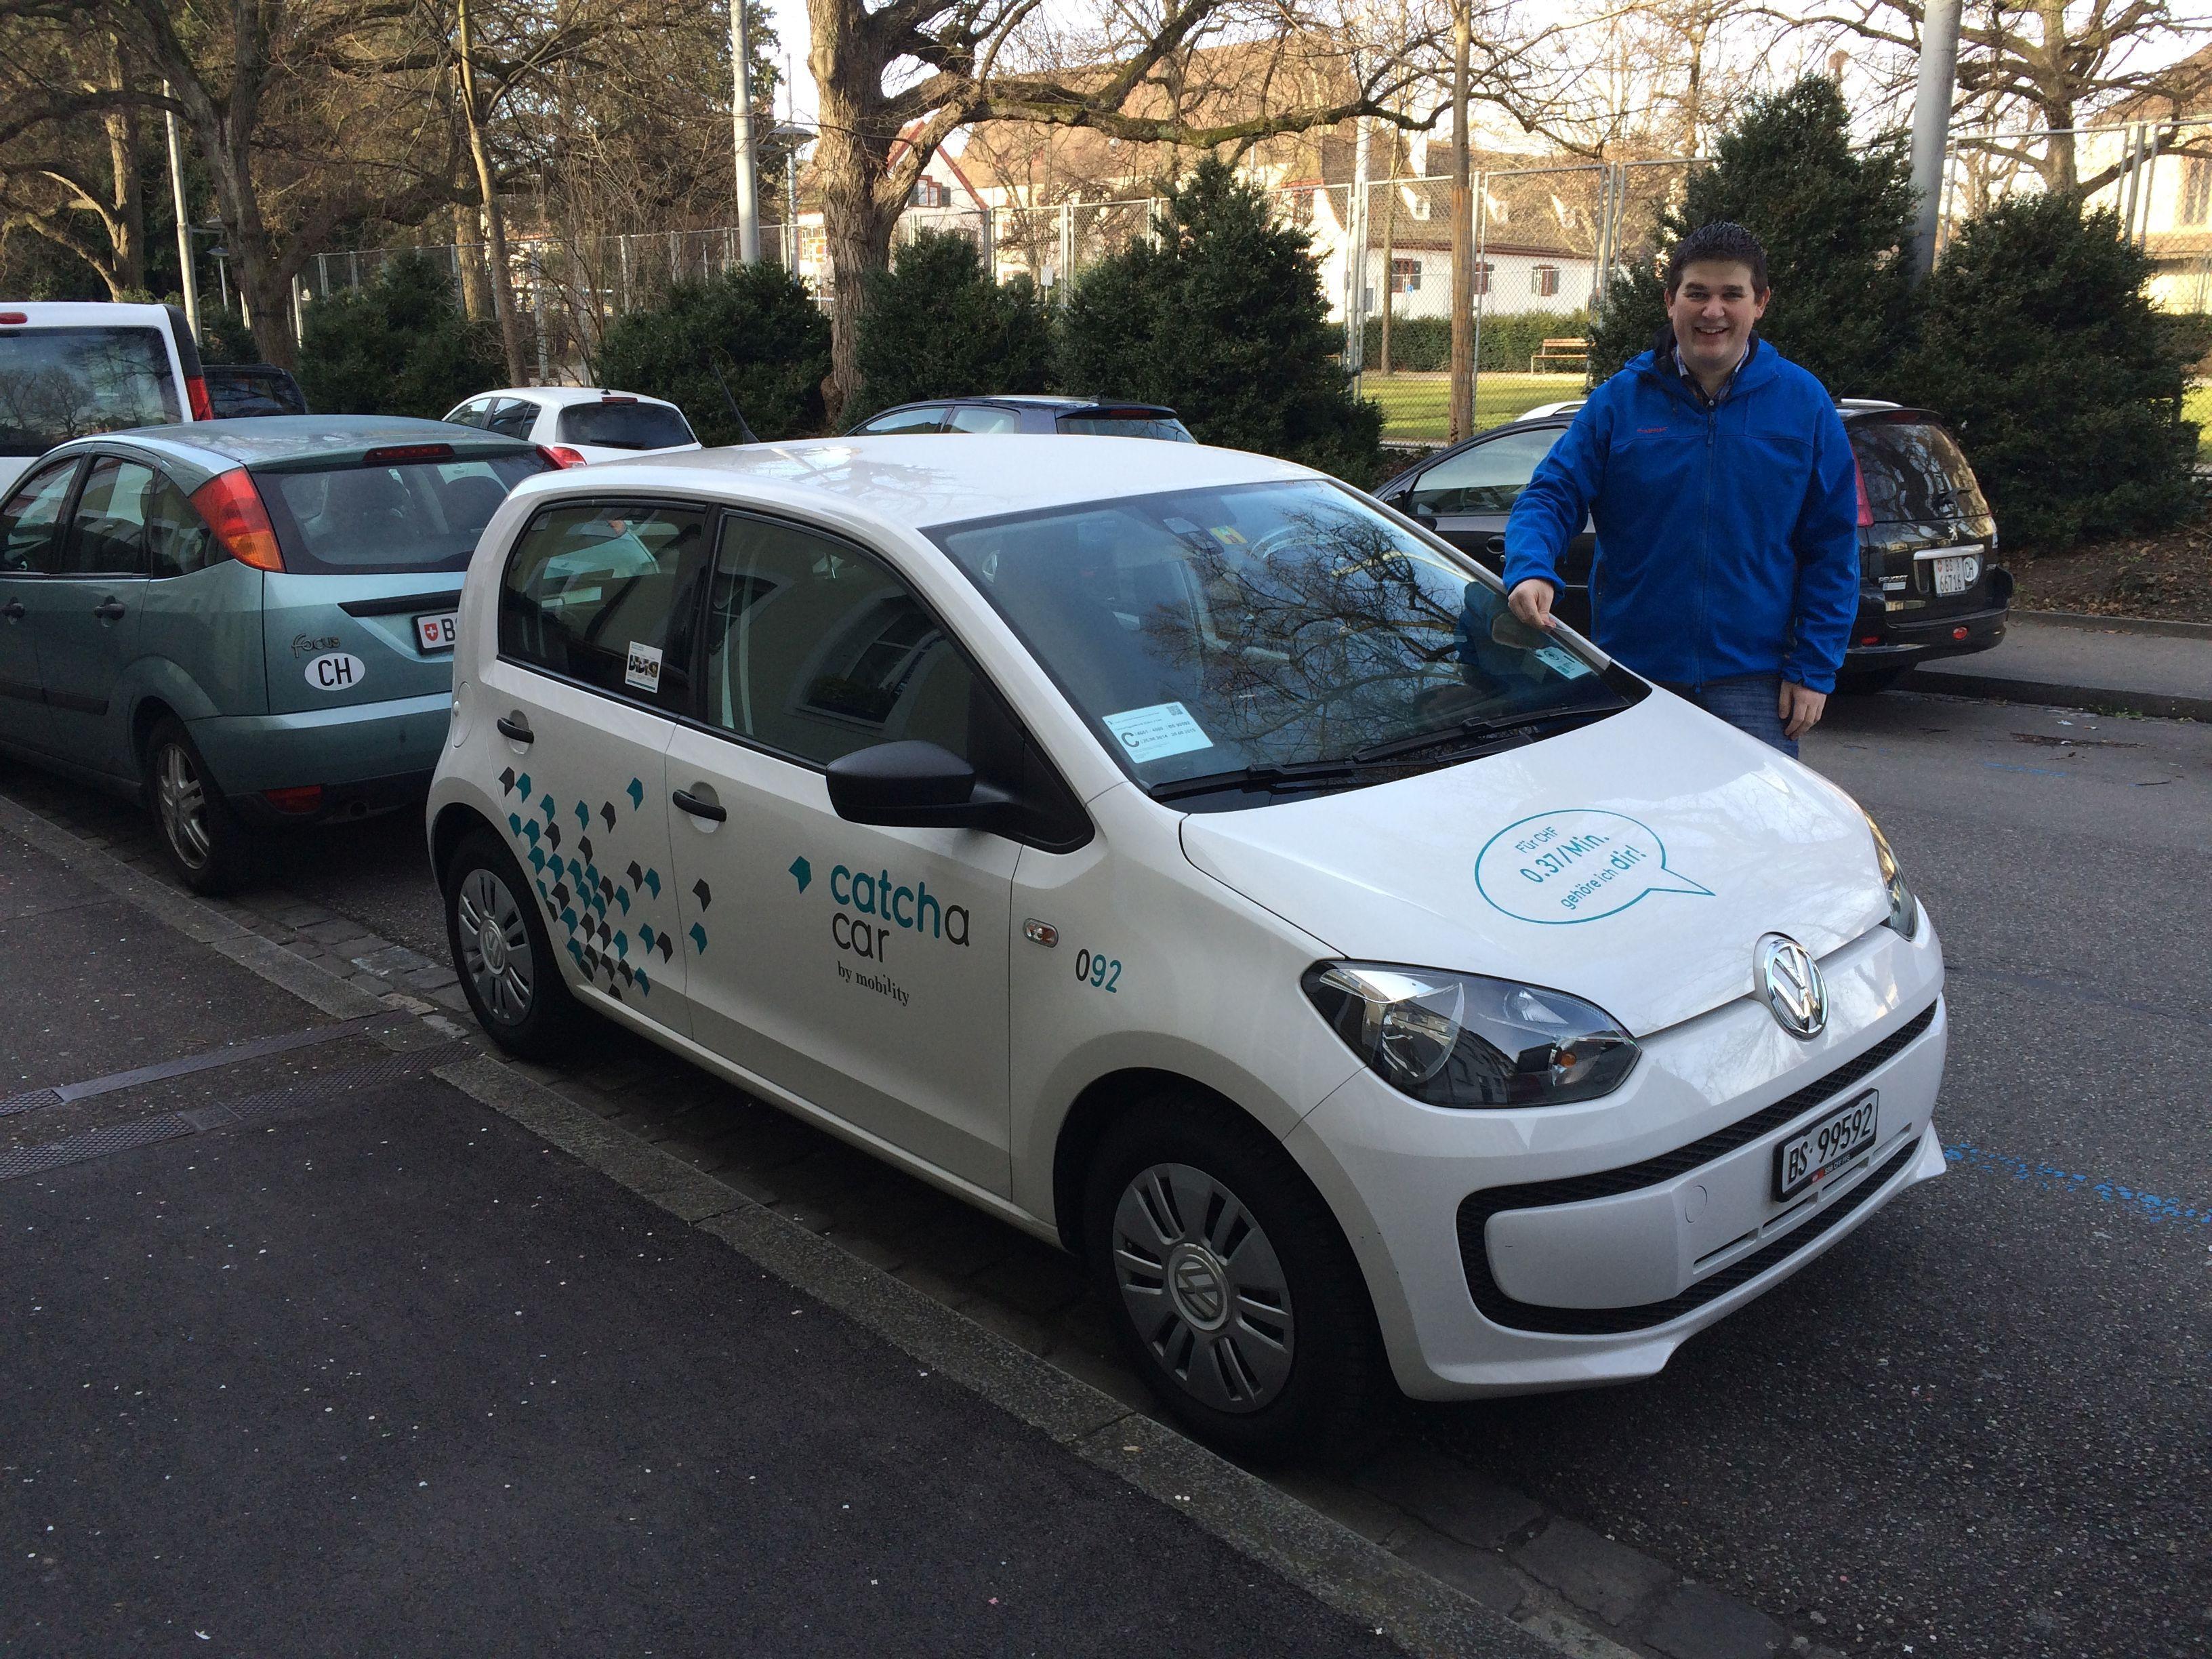 Beat ist Catch a Car-Member der ersten Stunde und berichtet uns über seinen persönlichen Nutzen des neuen Carsharing Angebots.